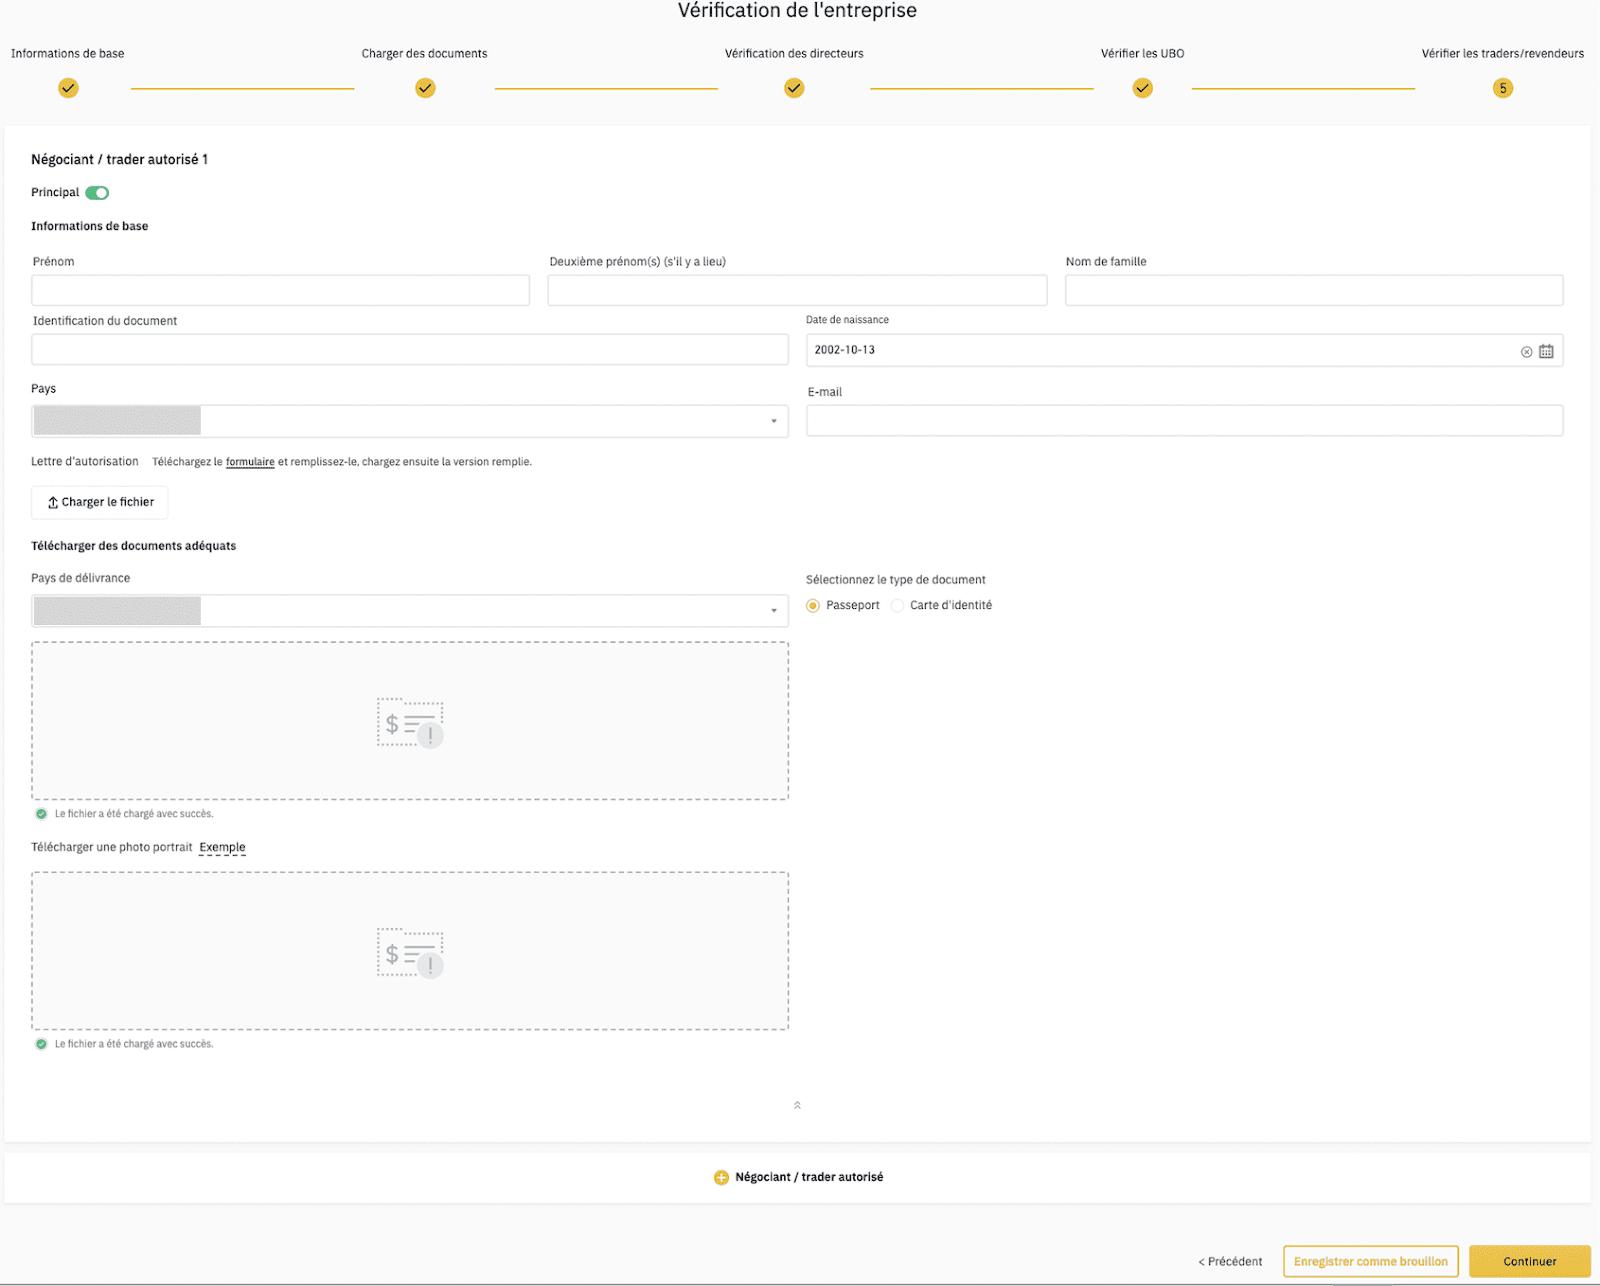 电脑网站的截图  描述已自动生成